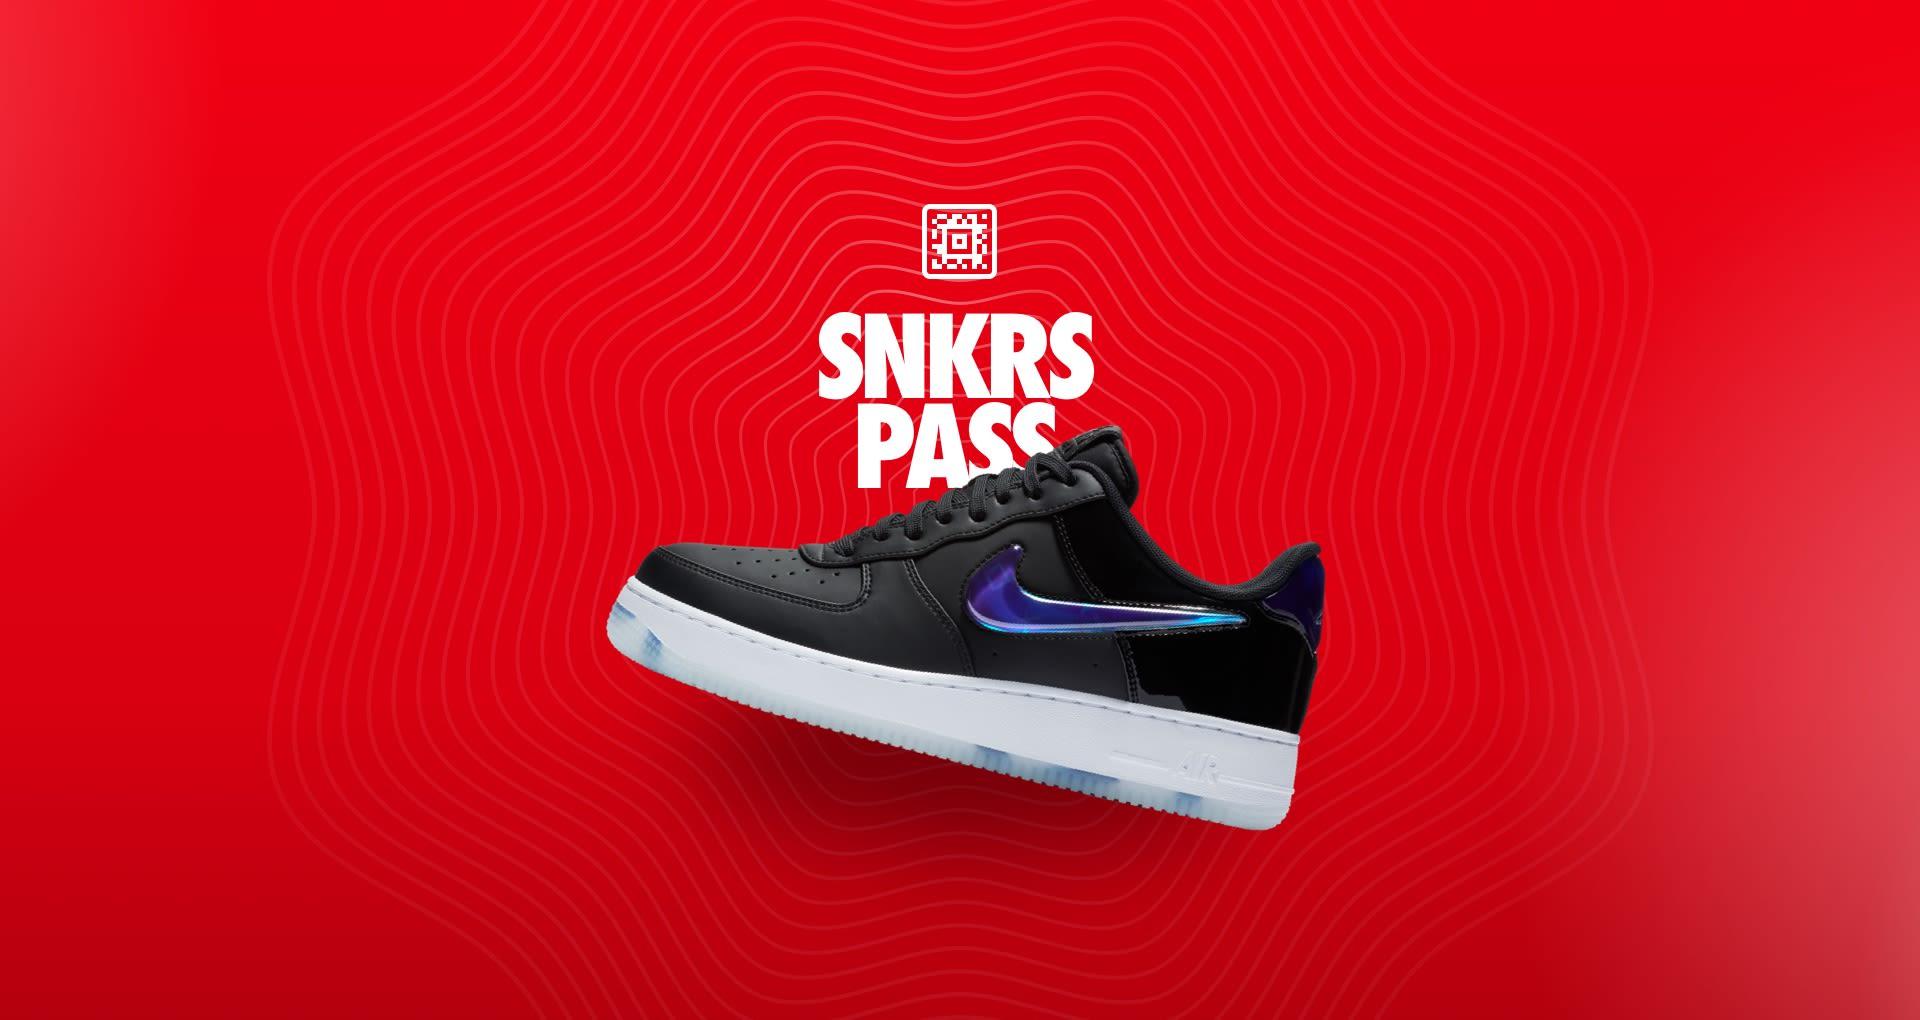 SNKRS Pass: Air Force 1 'PlayStation' SNKRS Atlanta  Nike+